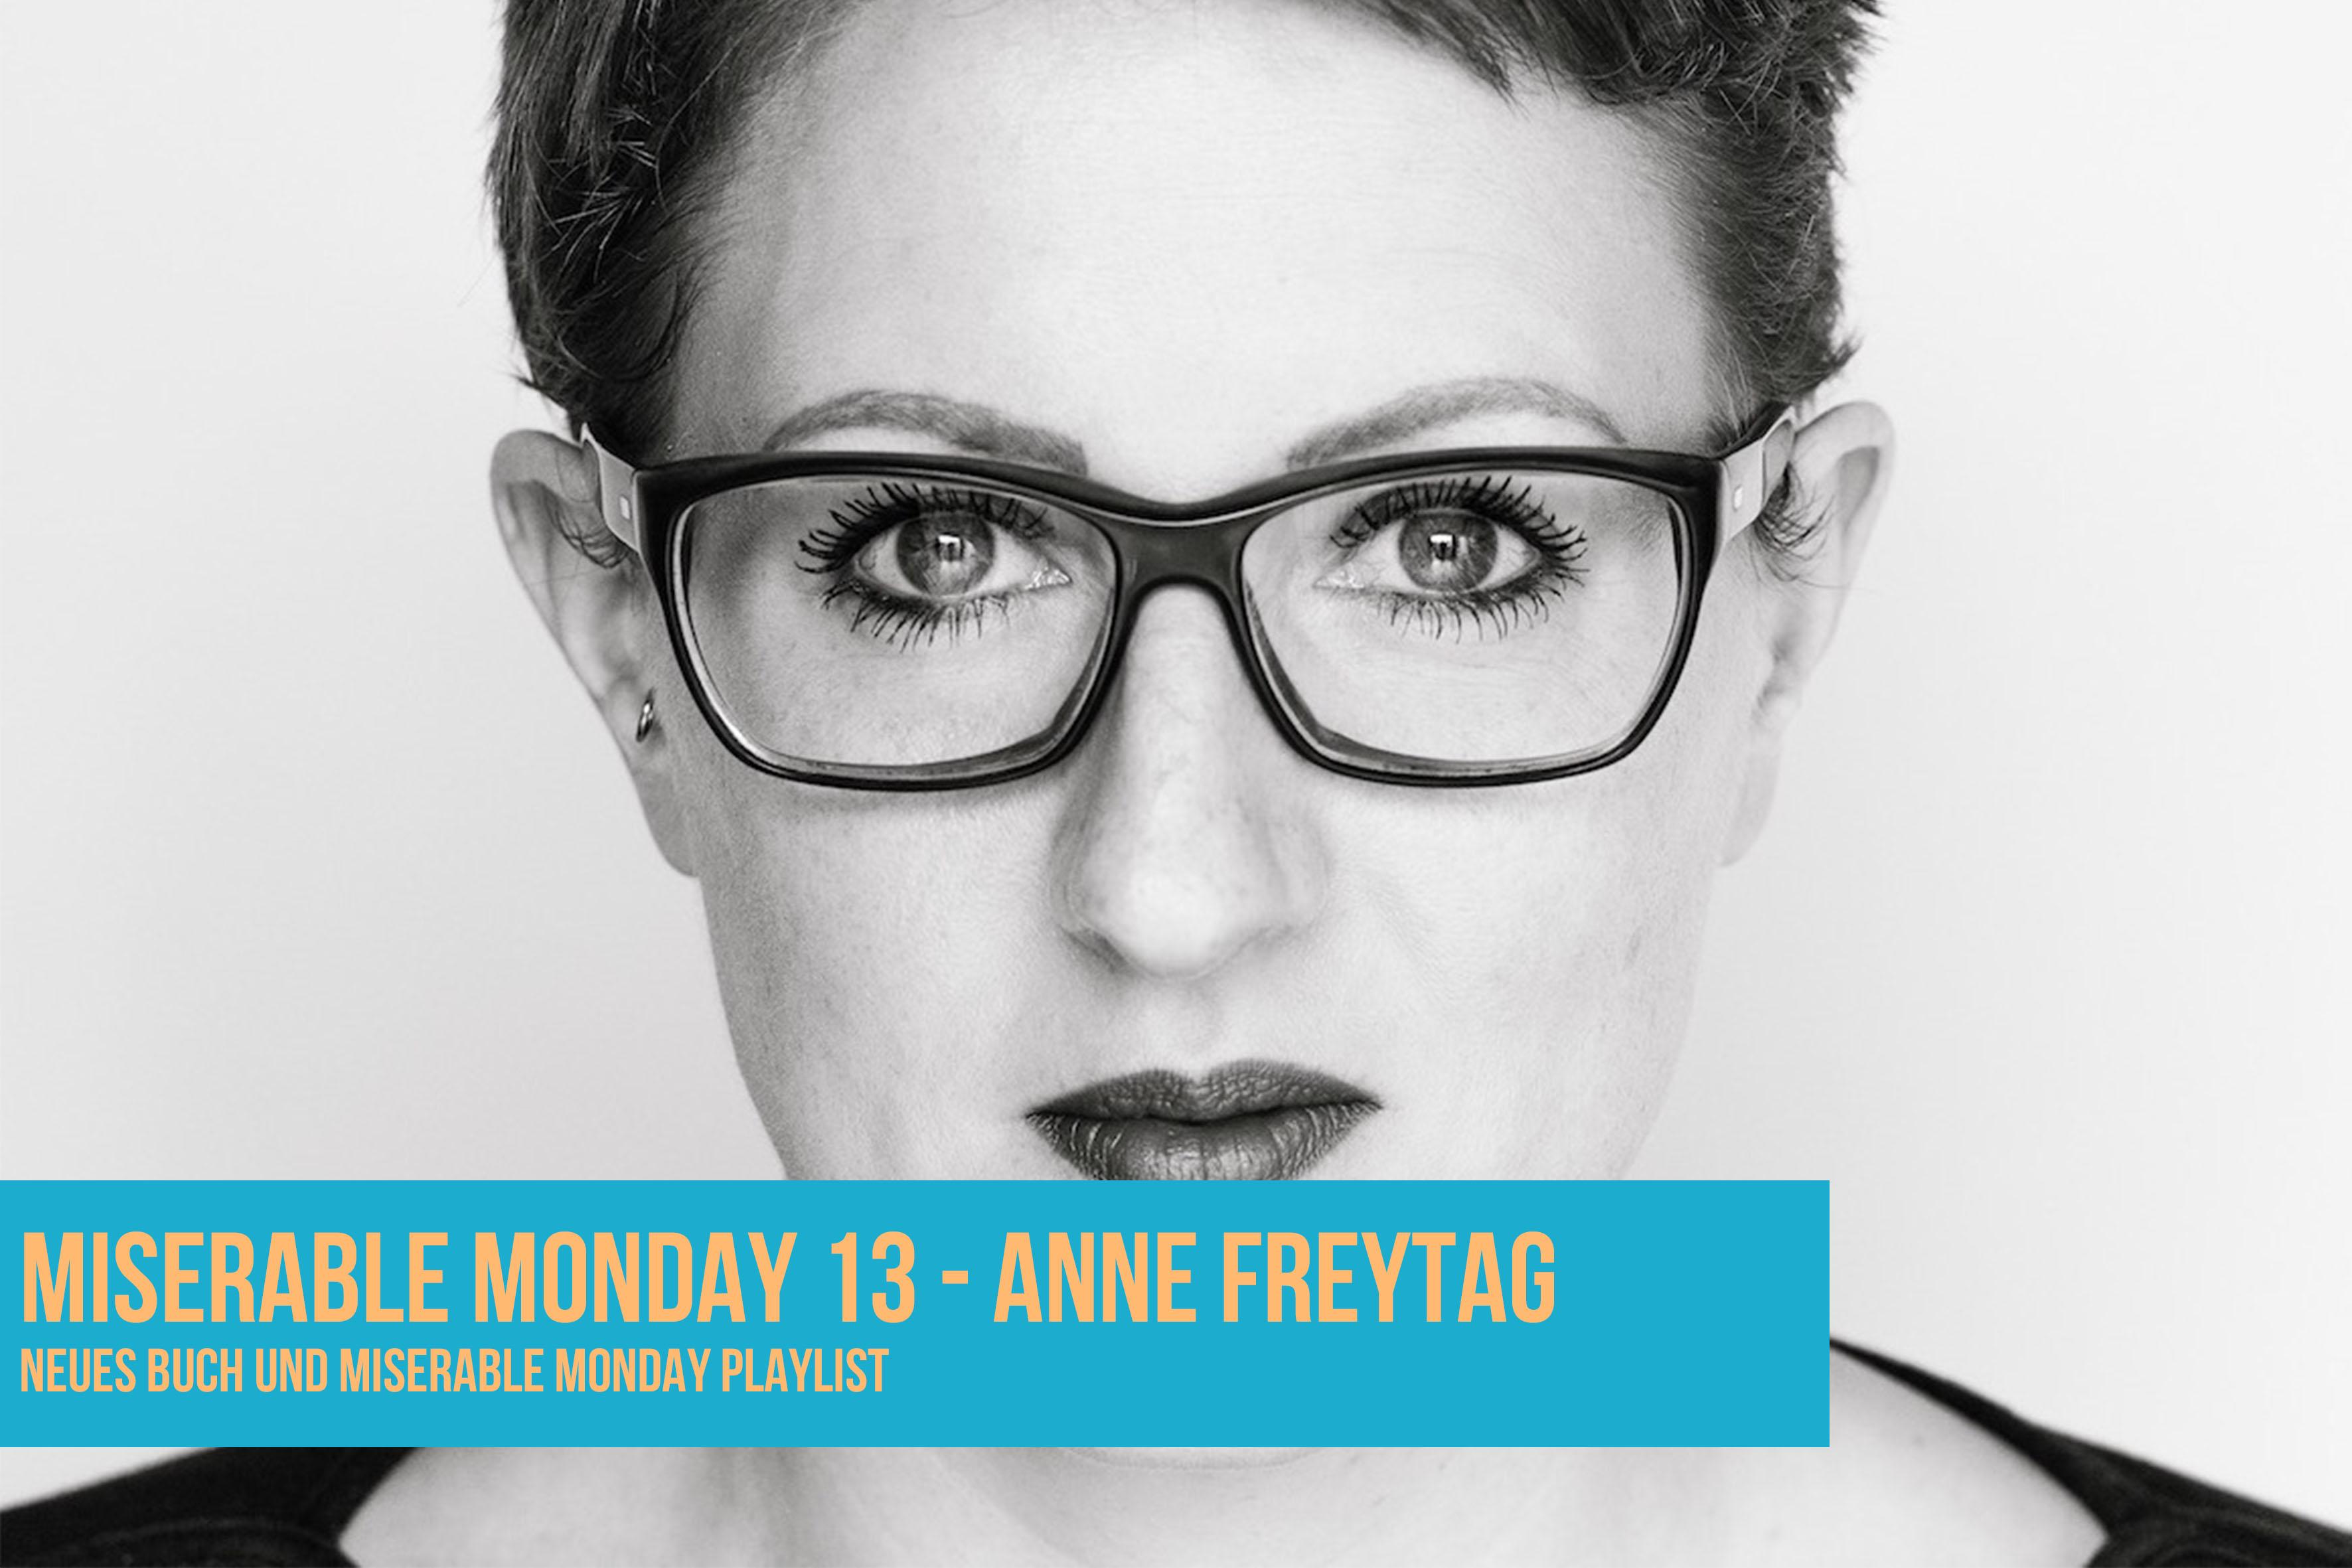 013 - Anne Freytag